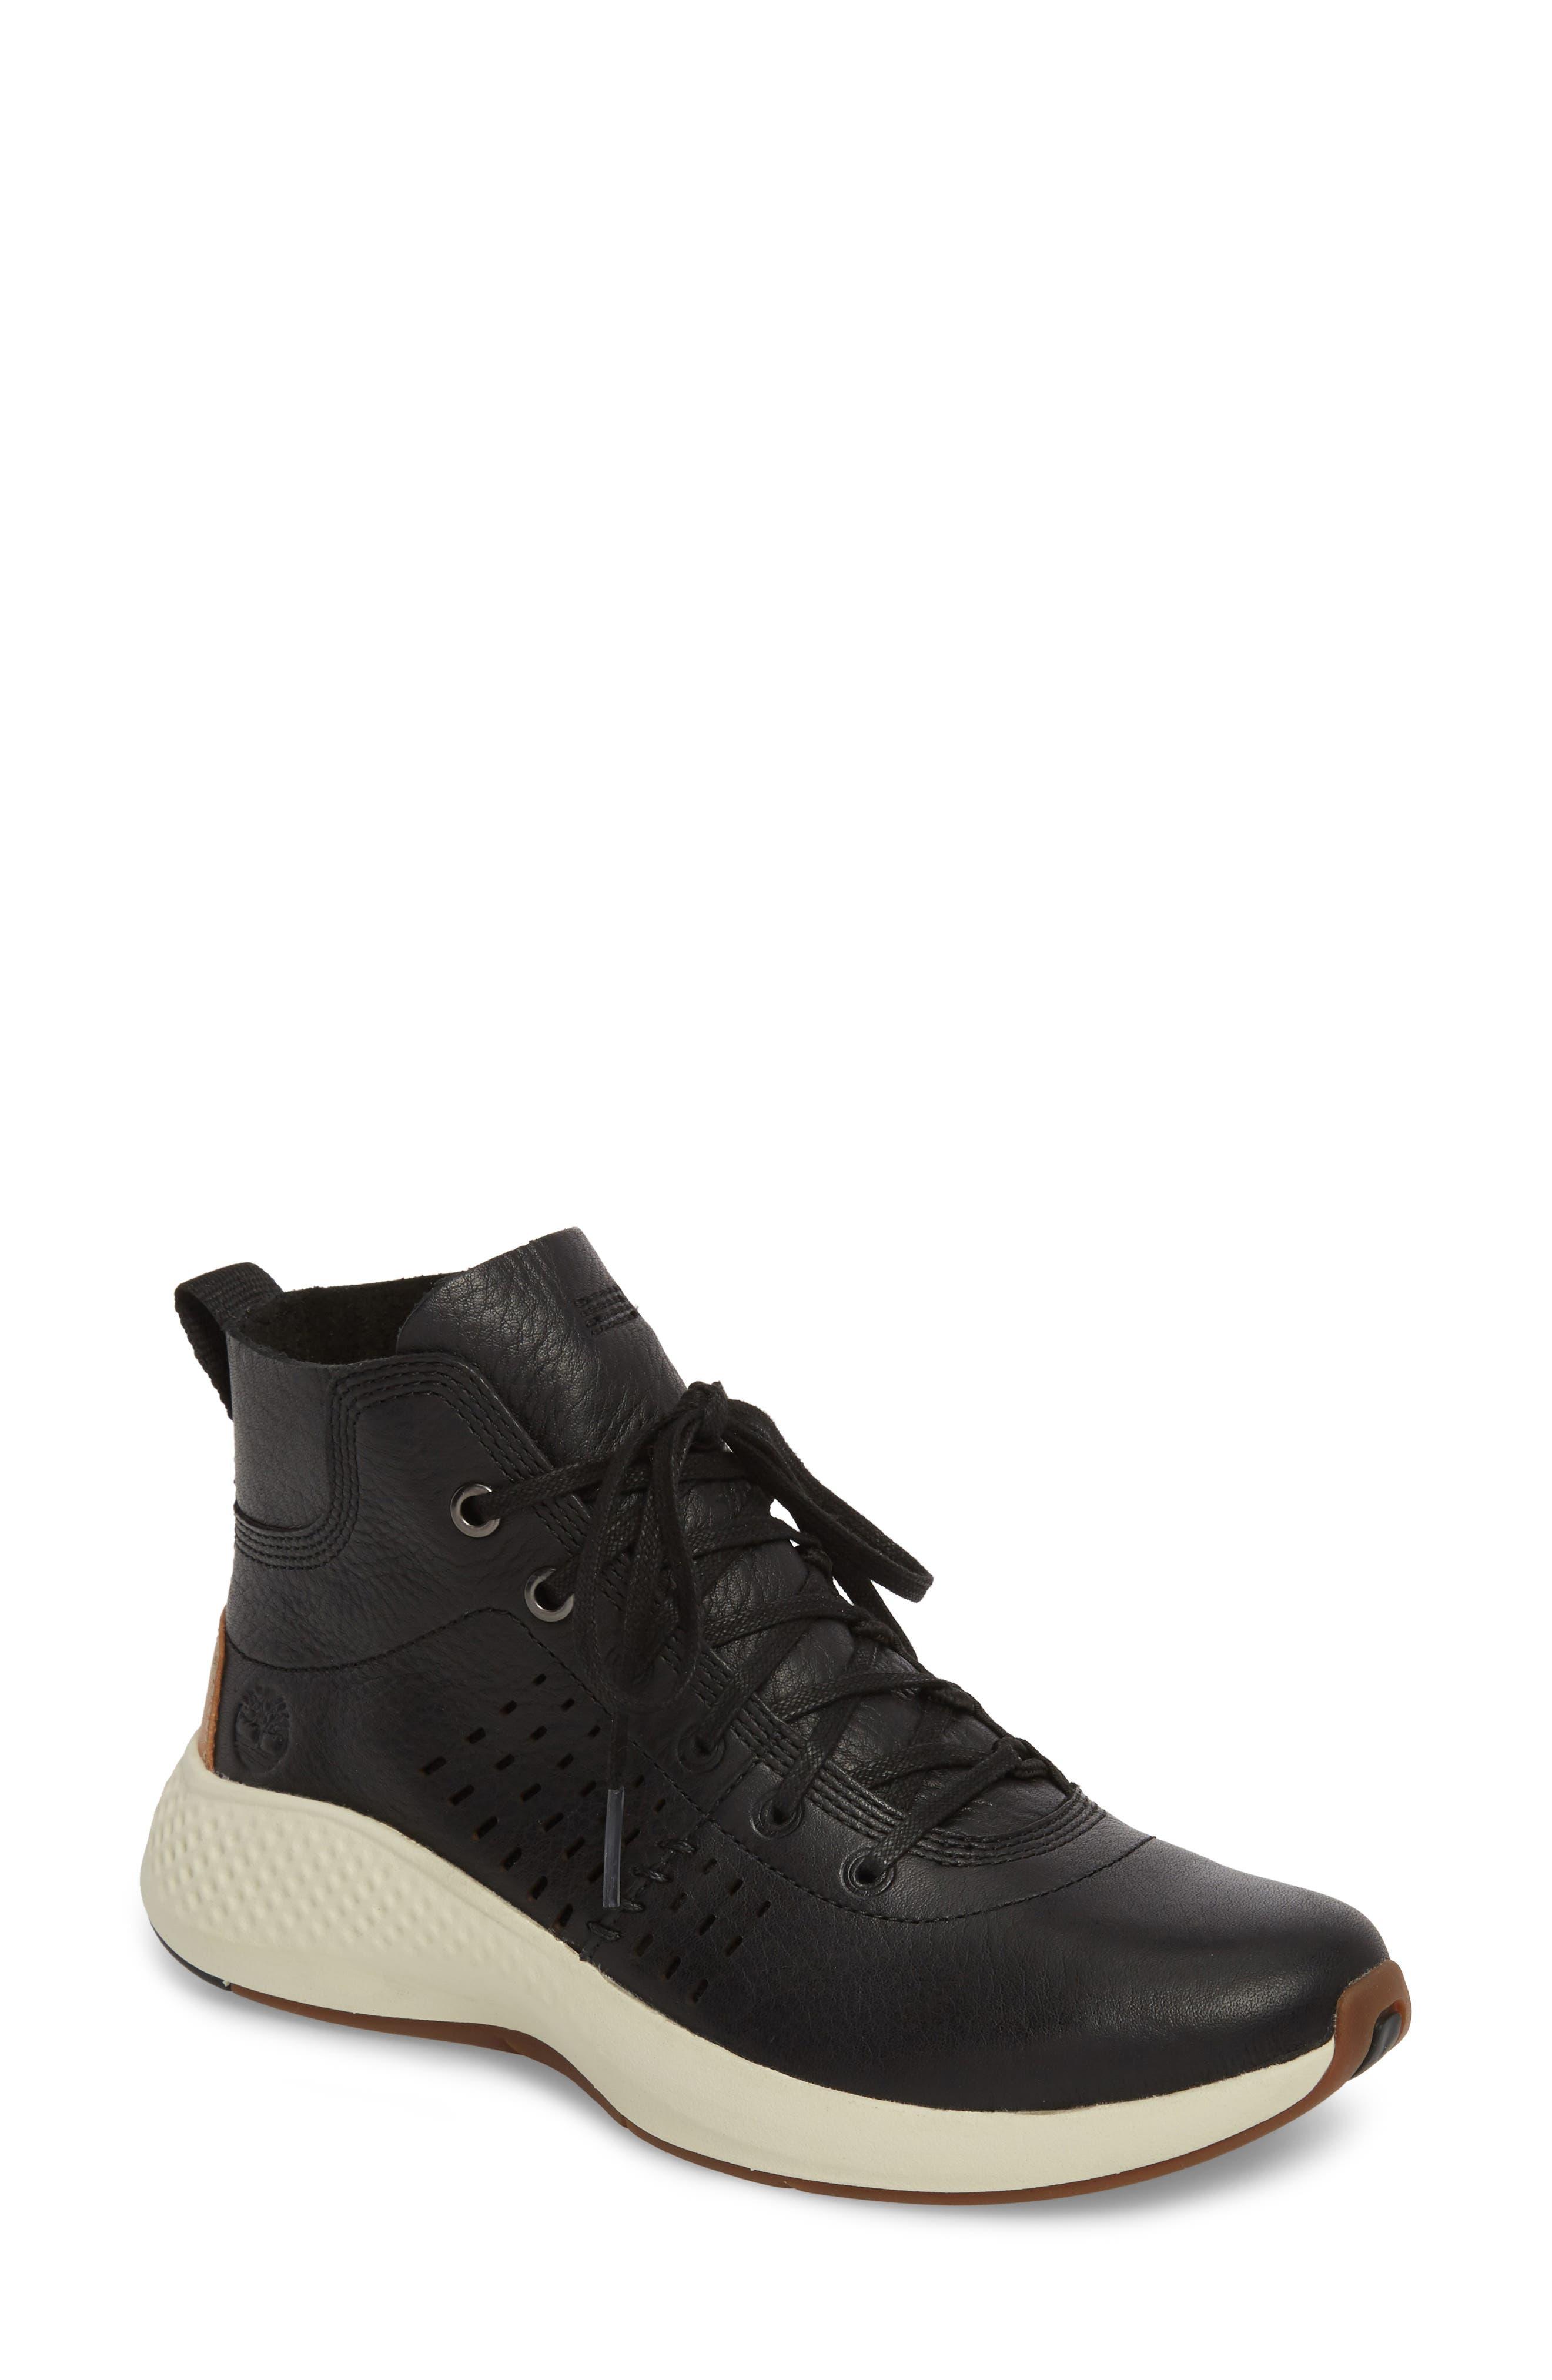 Flyroam Go Chukka Bootie,                         Main,                         color, Black Leather